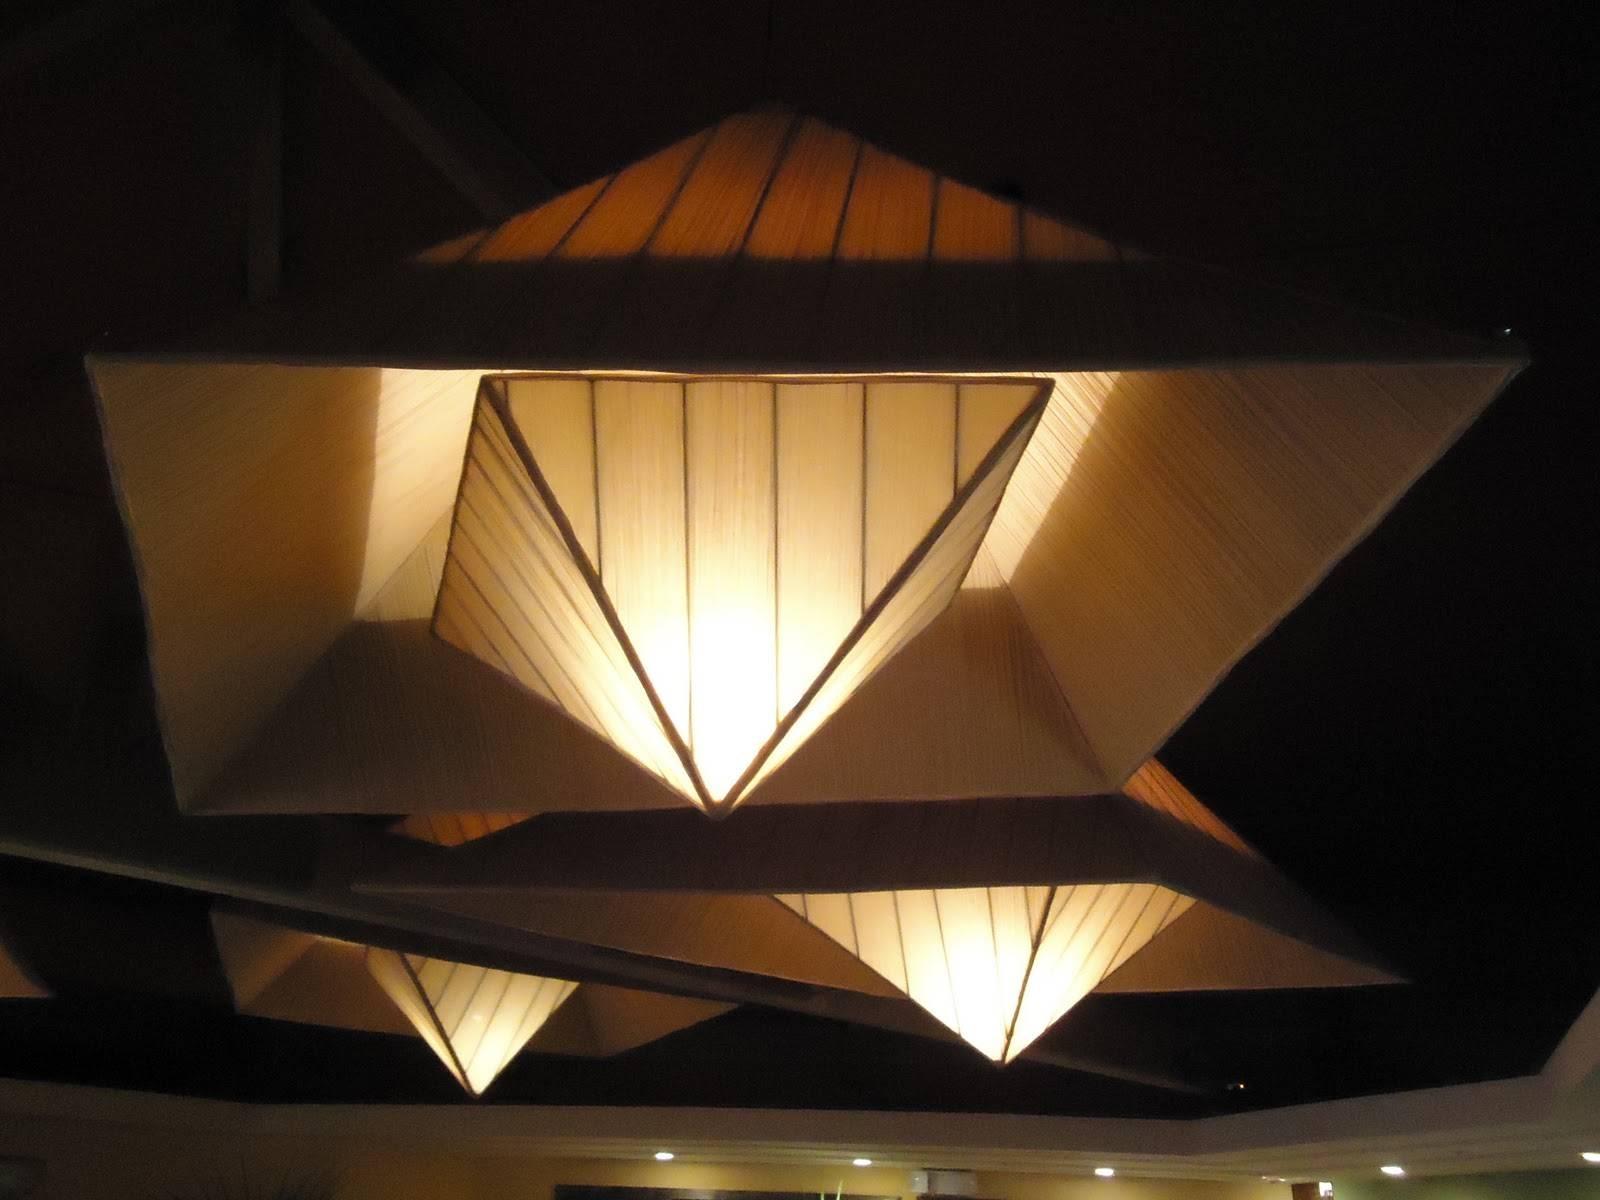 Likable Restaurant Lighting Fixtures Uk Fixtures Light Commercial with regard to Restaurant Lighting Fixtures (Image 9 of 15)